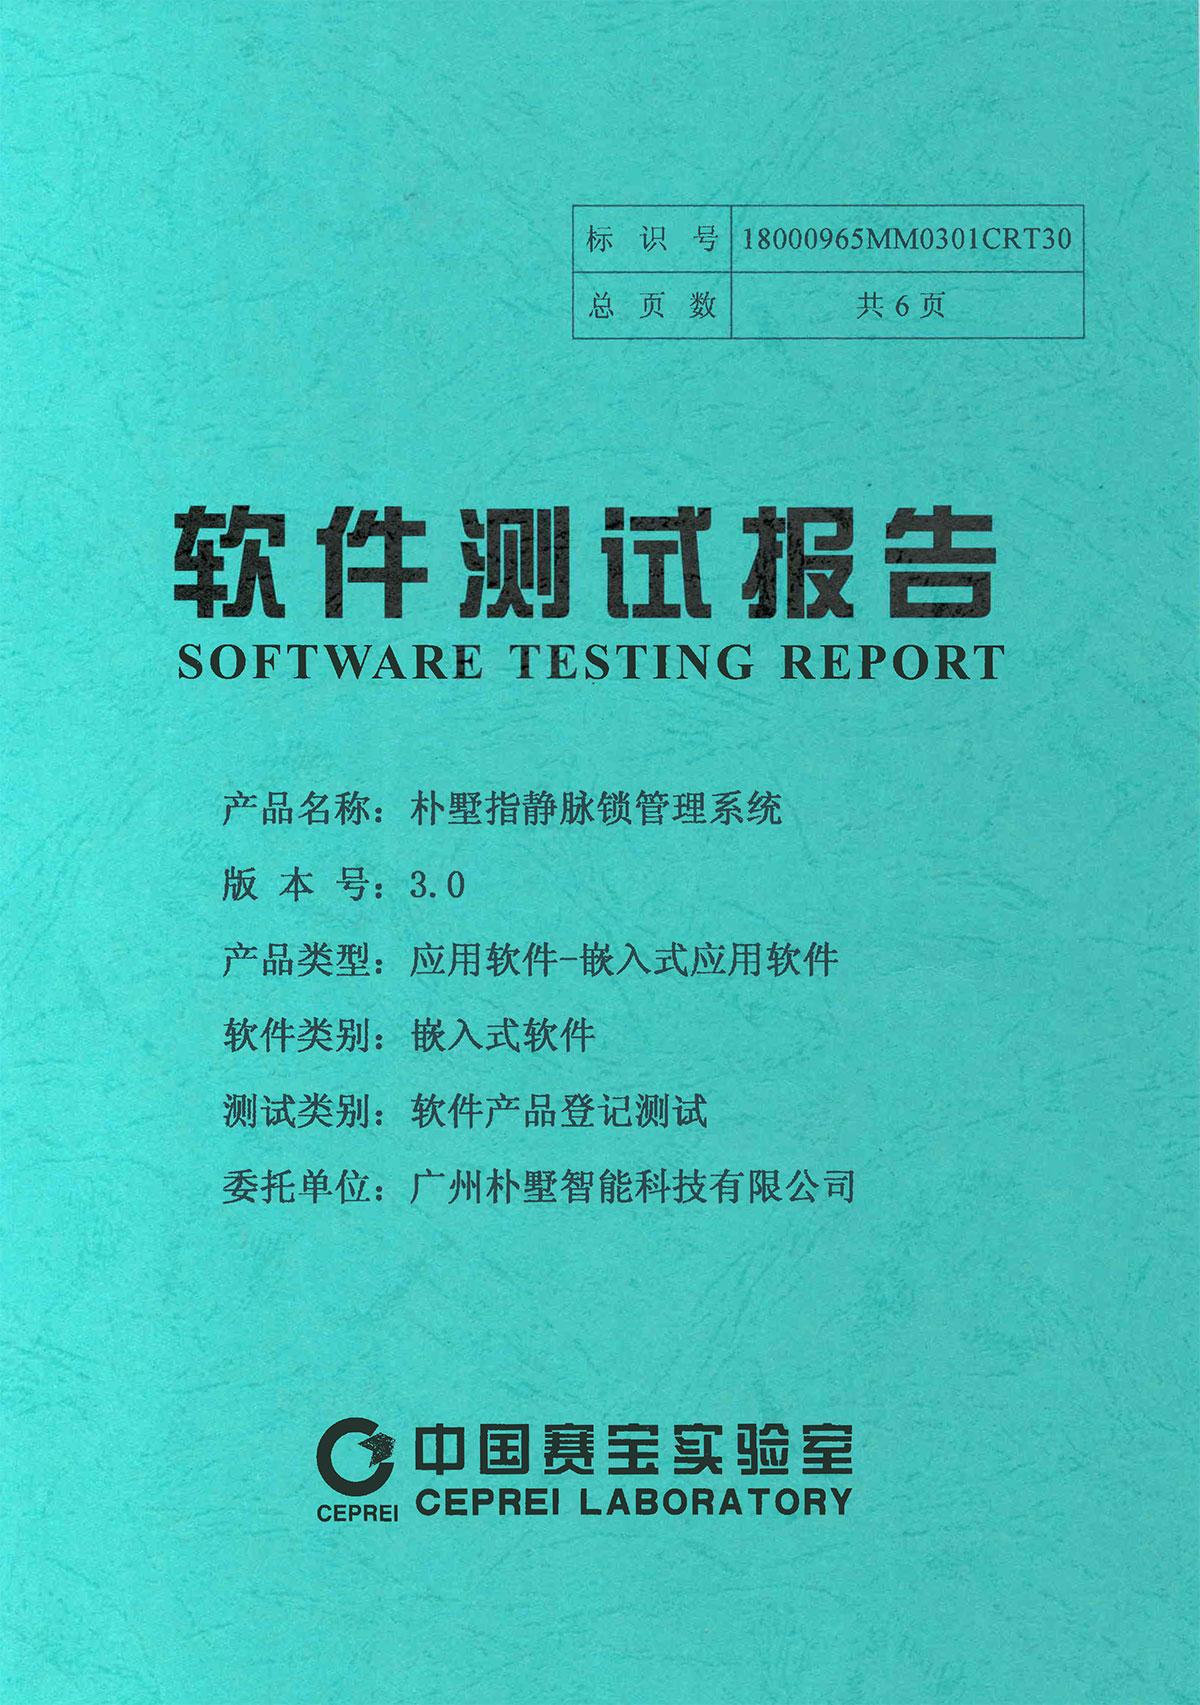 指静脉锁软件测试报告